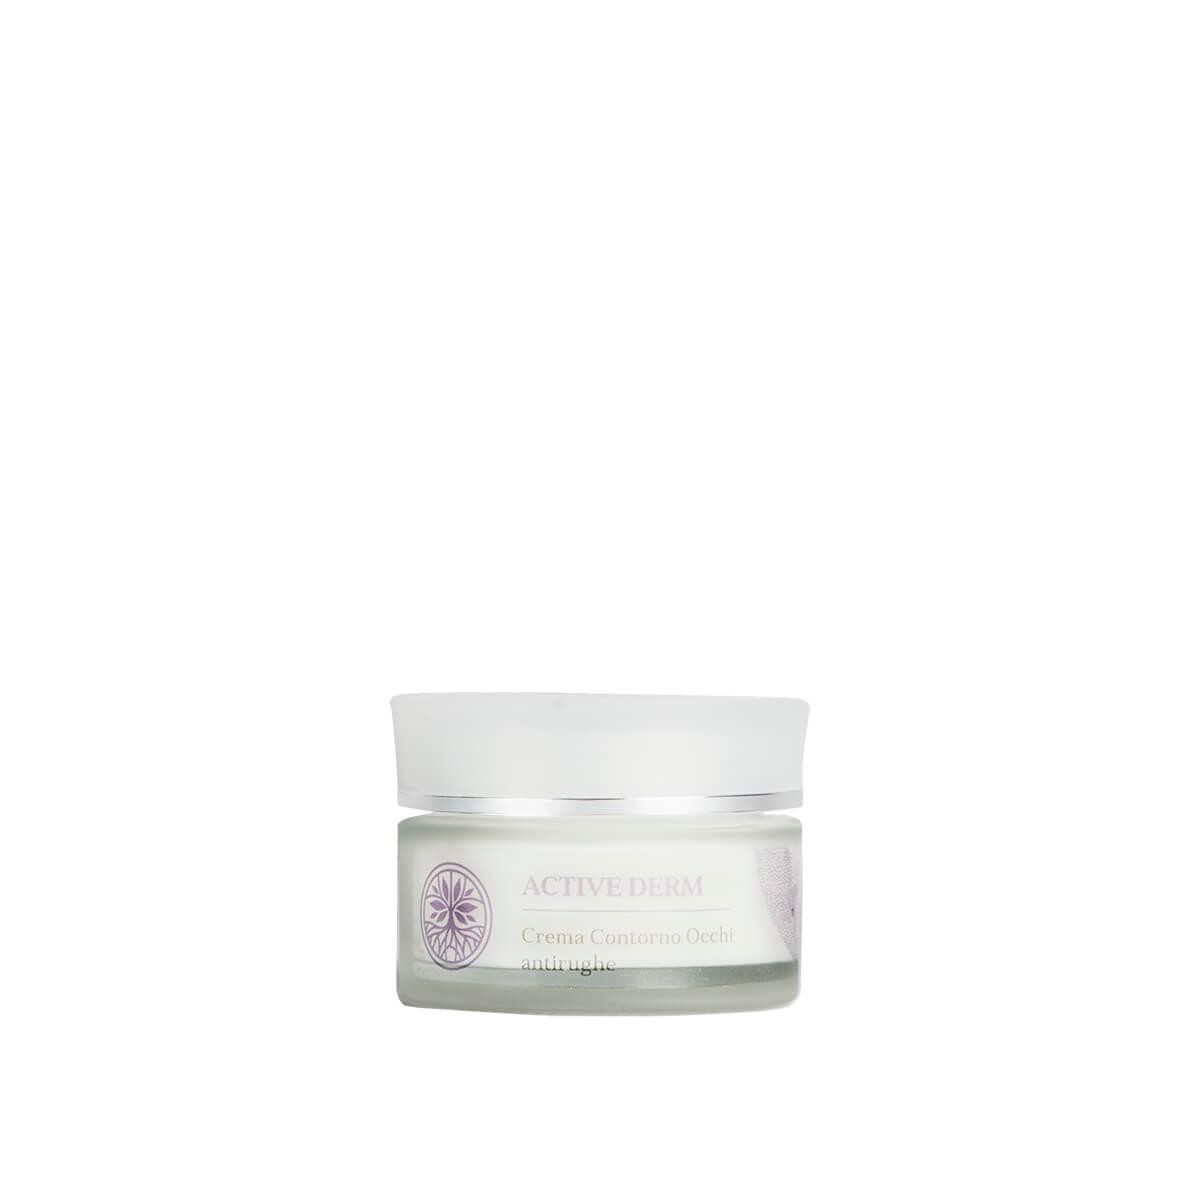 Crema antirughe contorno occhi e labbra - 30 ml - Almagreen